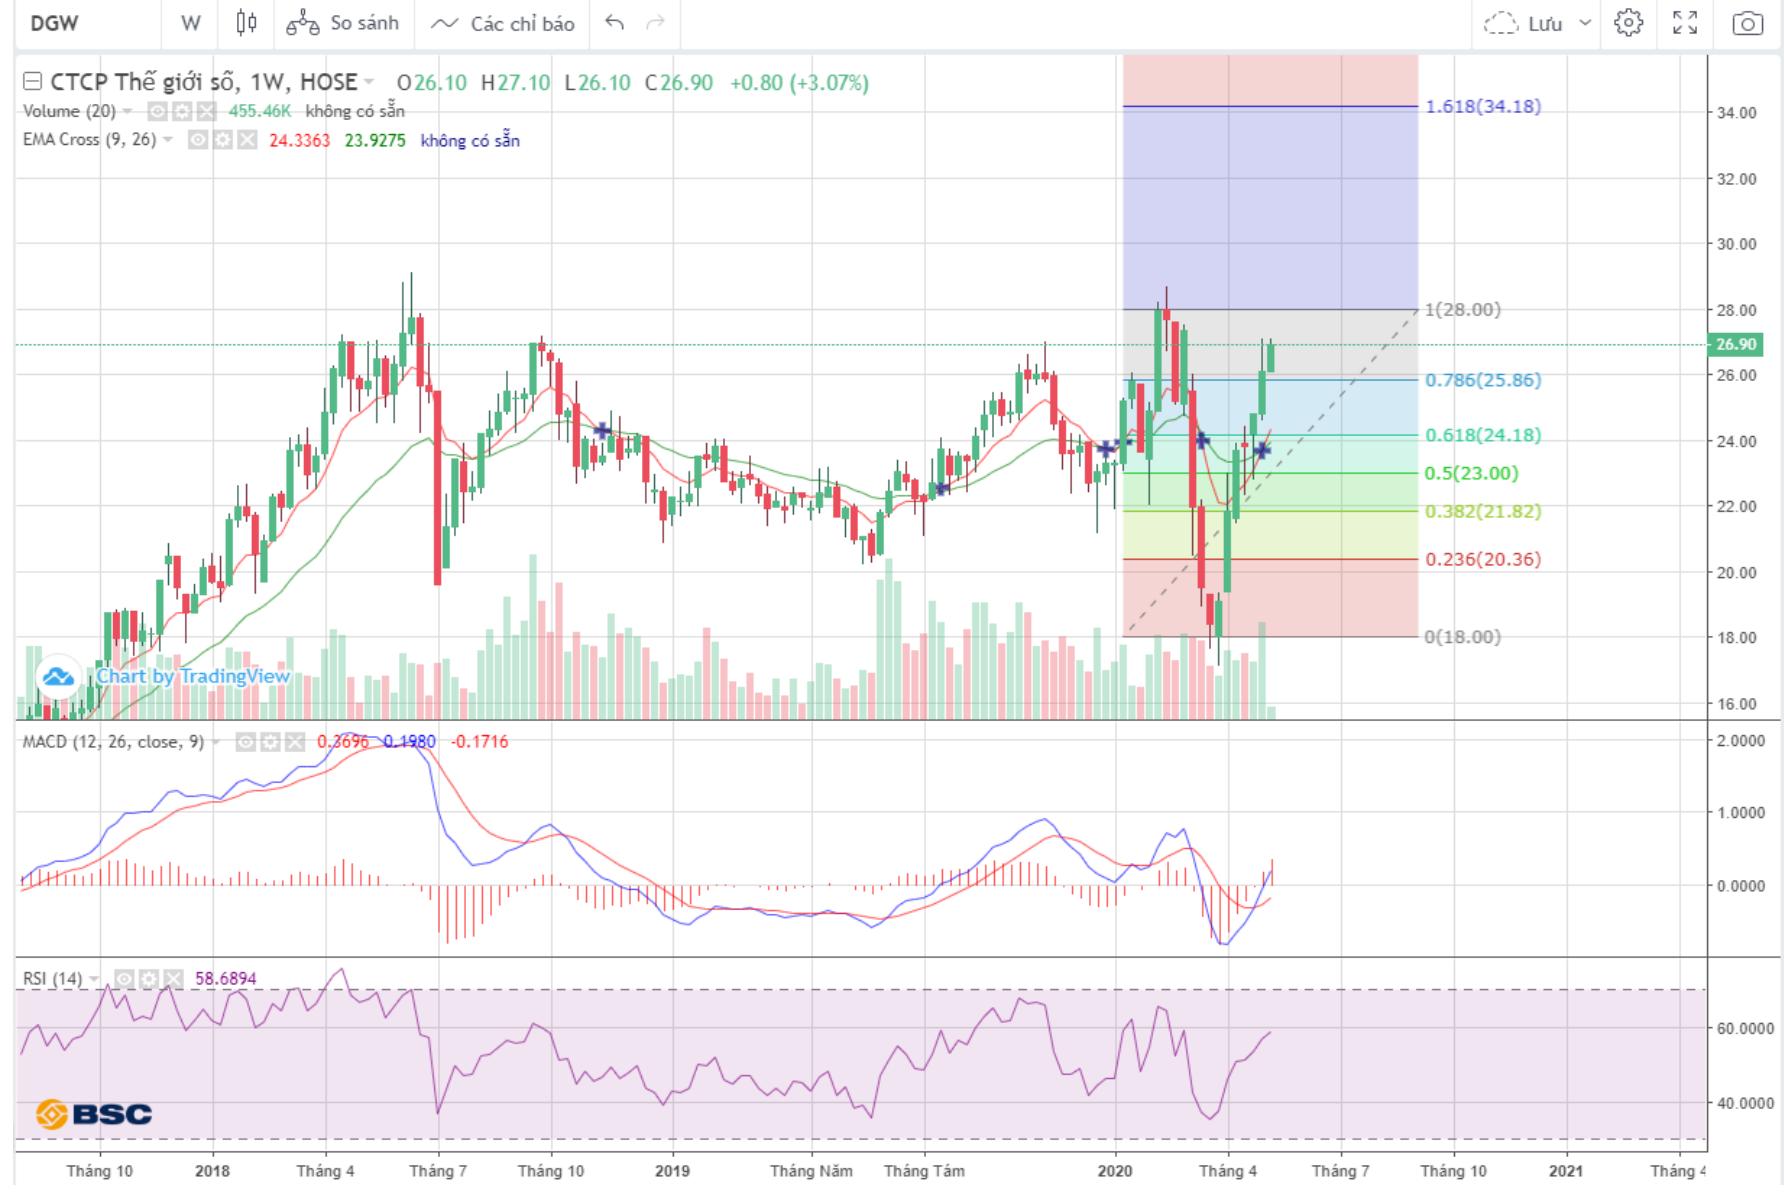 Cổ phiếu tâm điểm ngày 14/5: DWG, VNM, BMP, HBC - Ảnh 1.